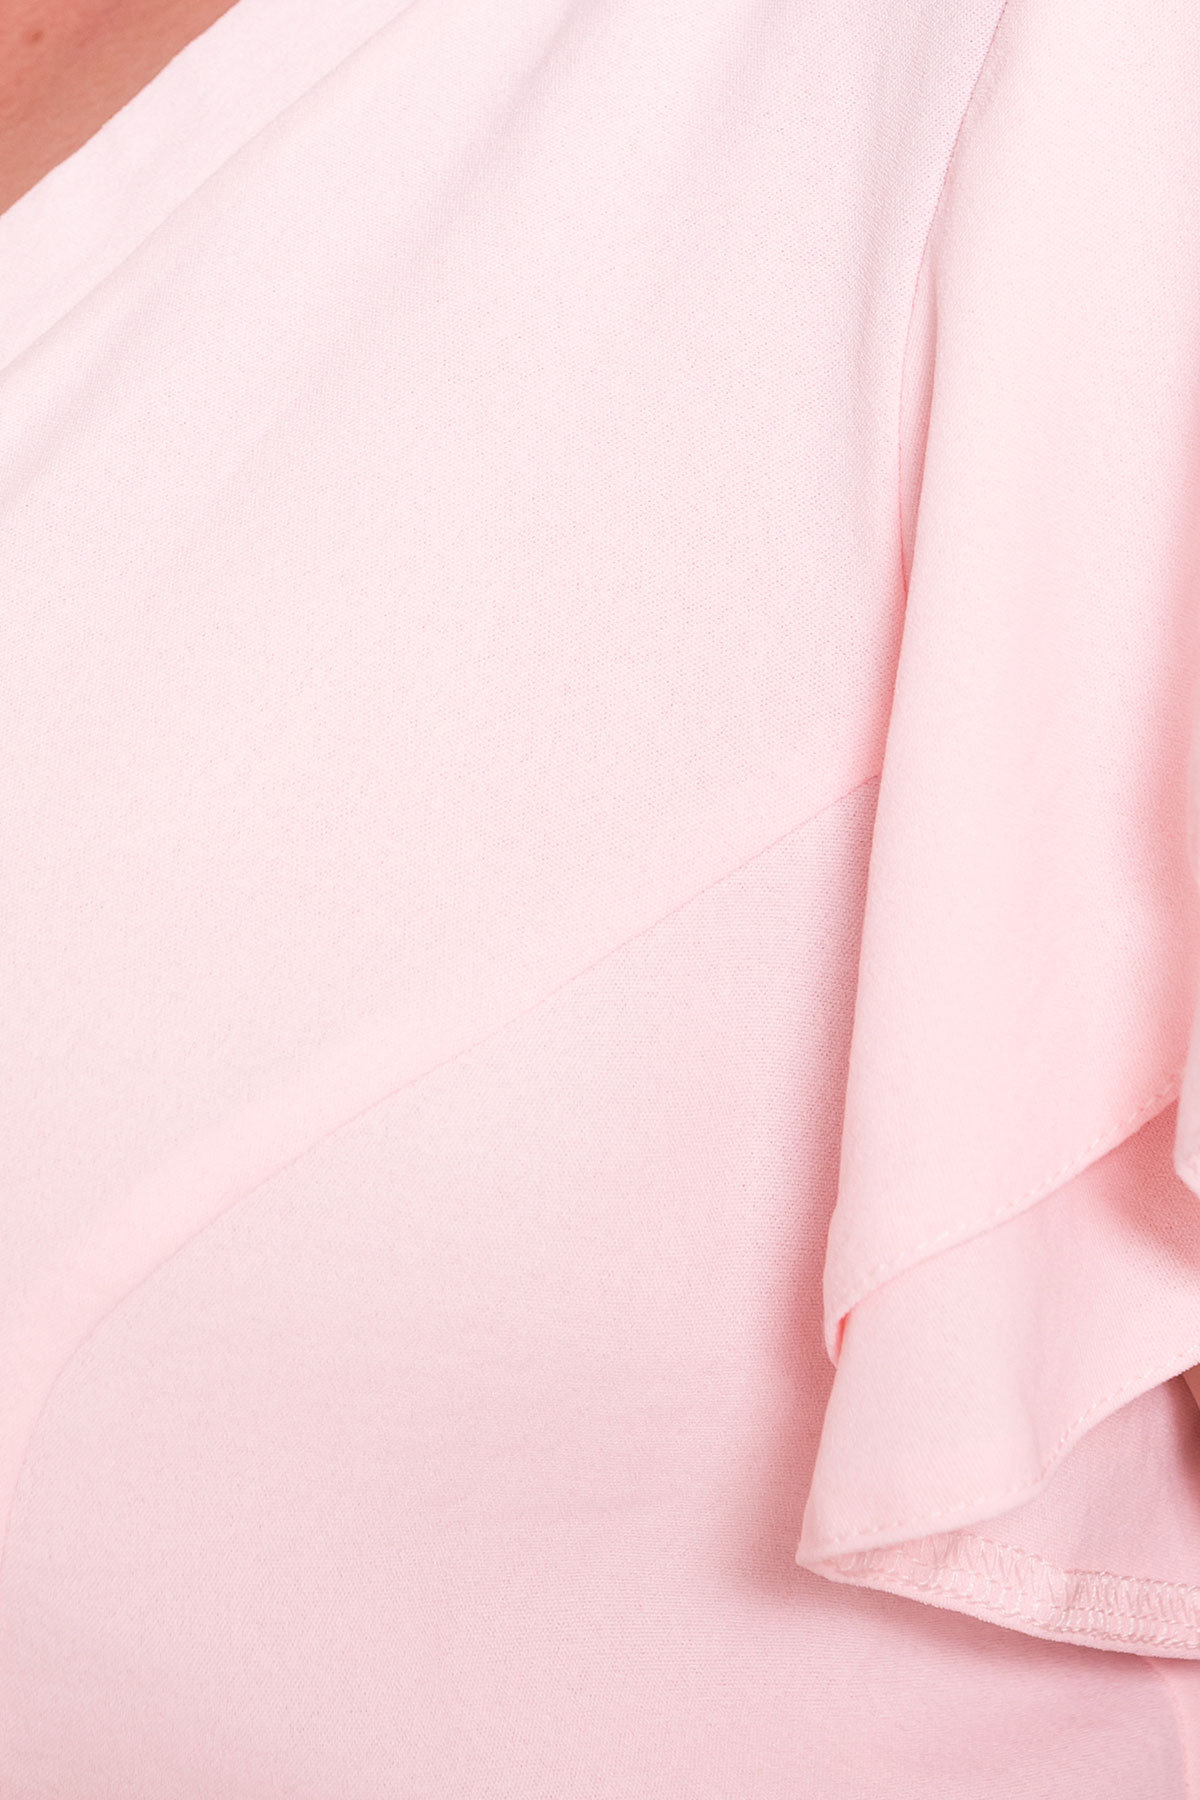 Платье Аделиса DONNA 7355 Цвет: Розовый Светлый